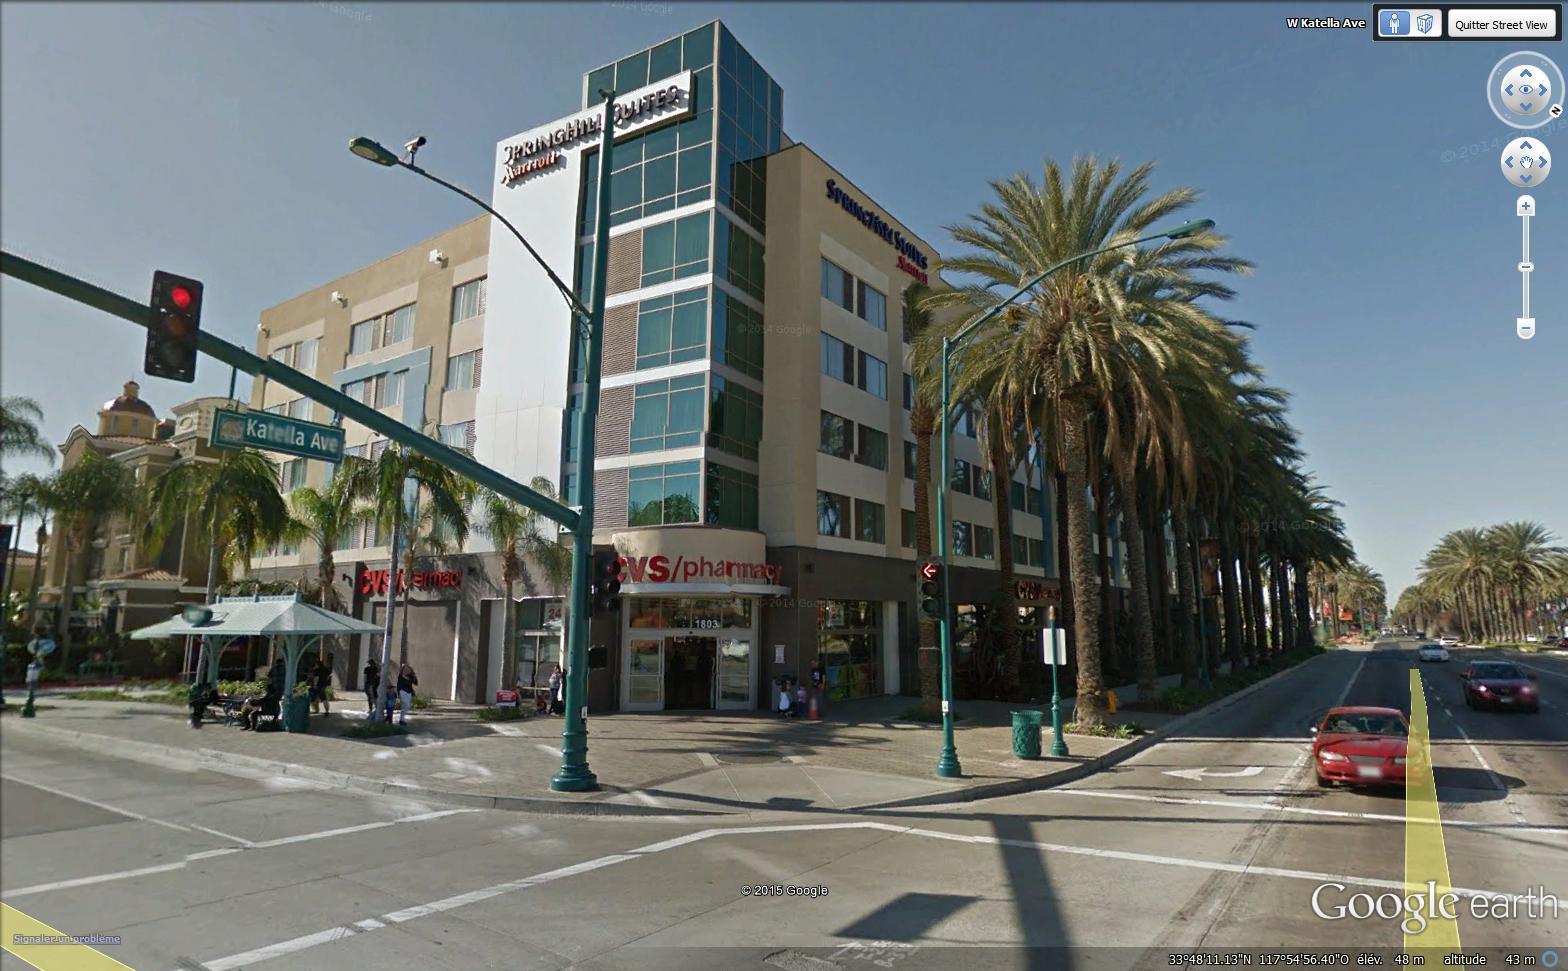 [The Anaheim Resort] Infrastructures publiques, hotels tiers, GardenWalk 254027springhillsuitesmarriott